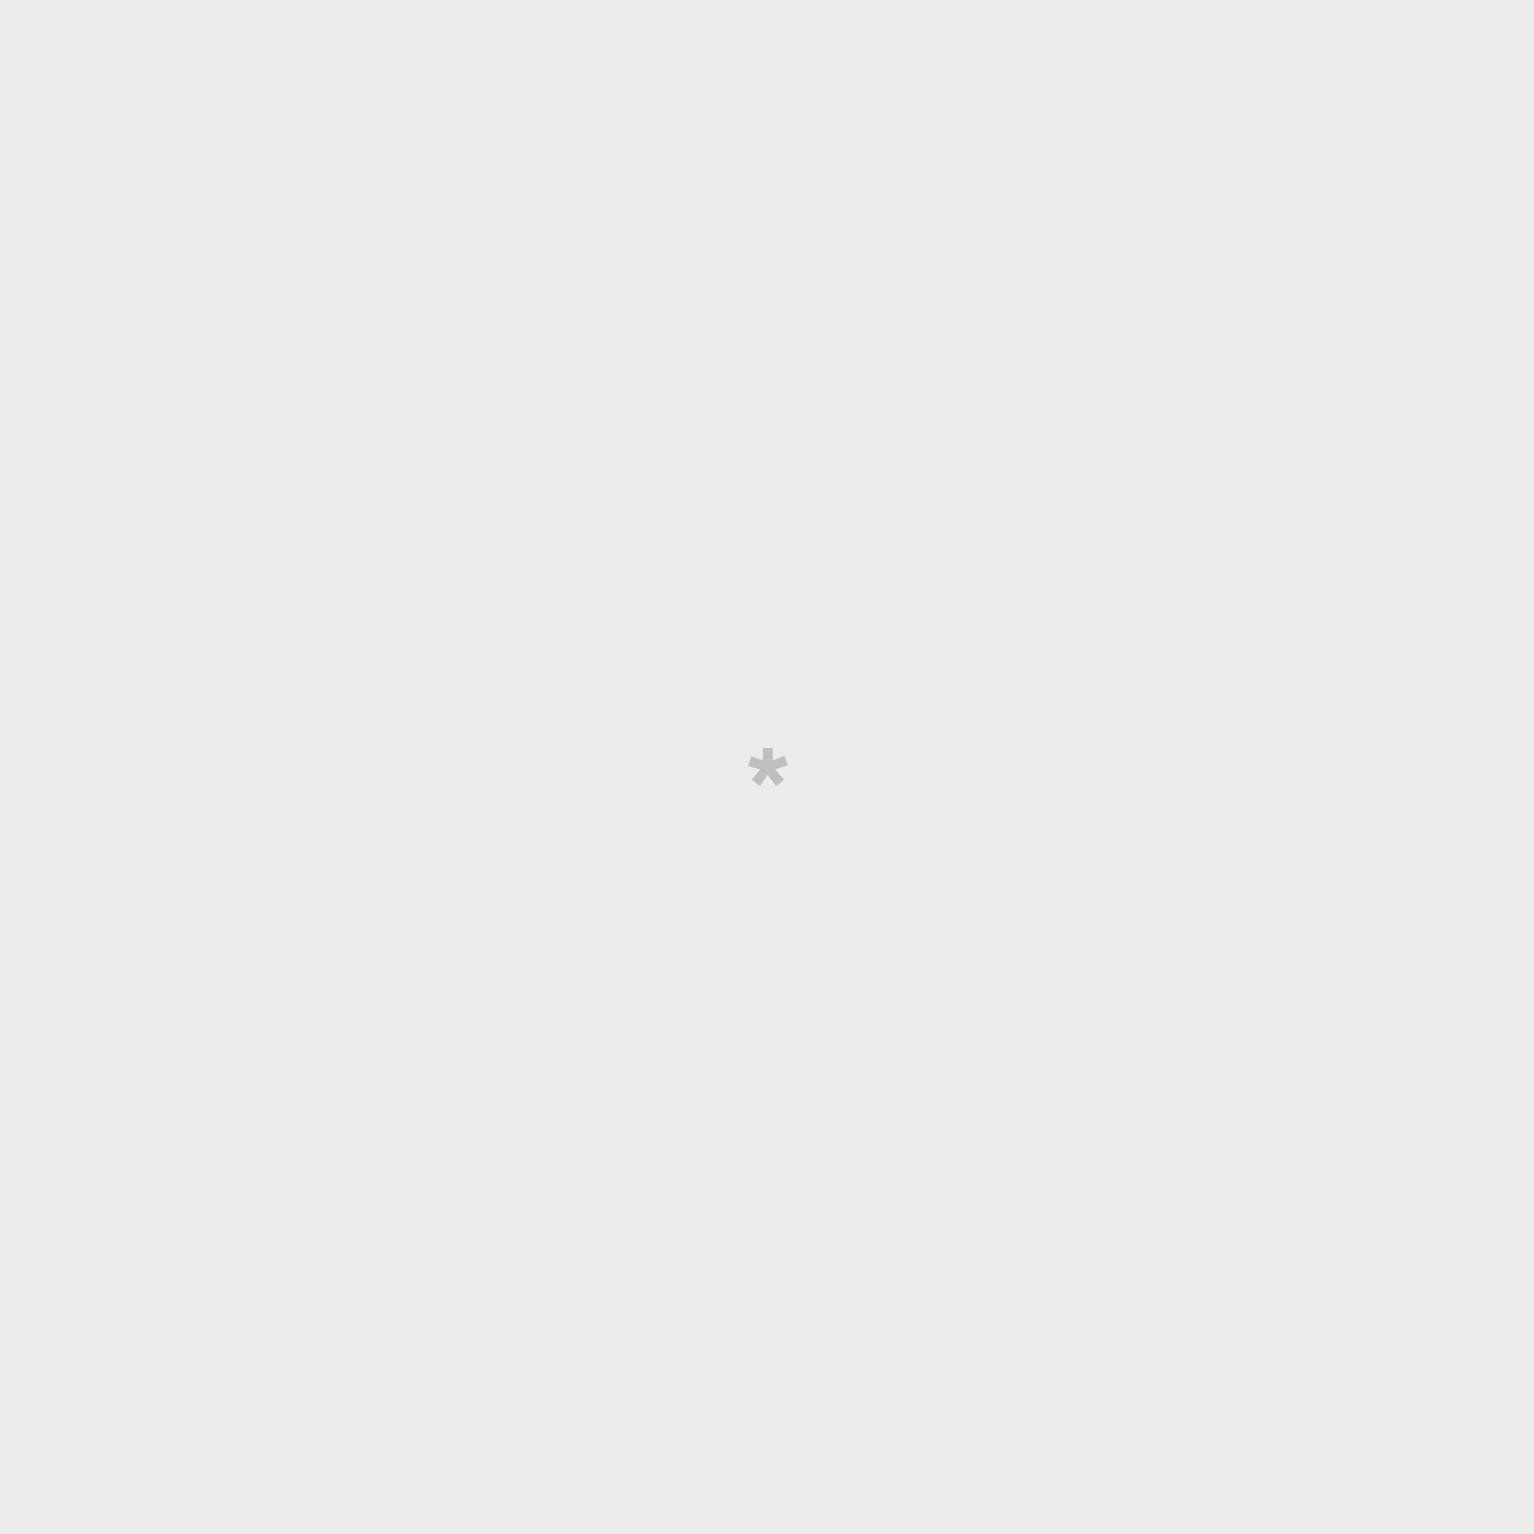 Chaussettes taille unique - Je suis fantastique